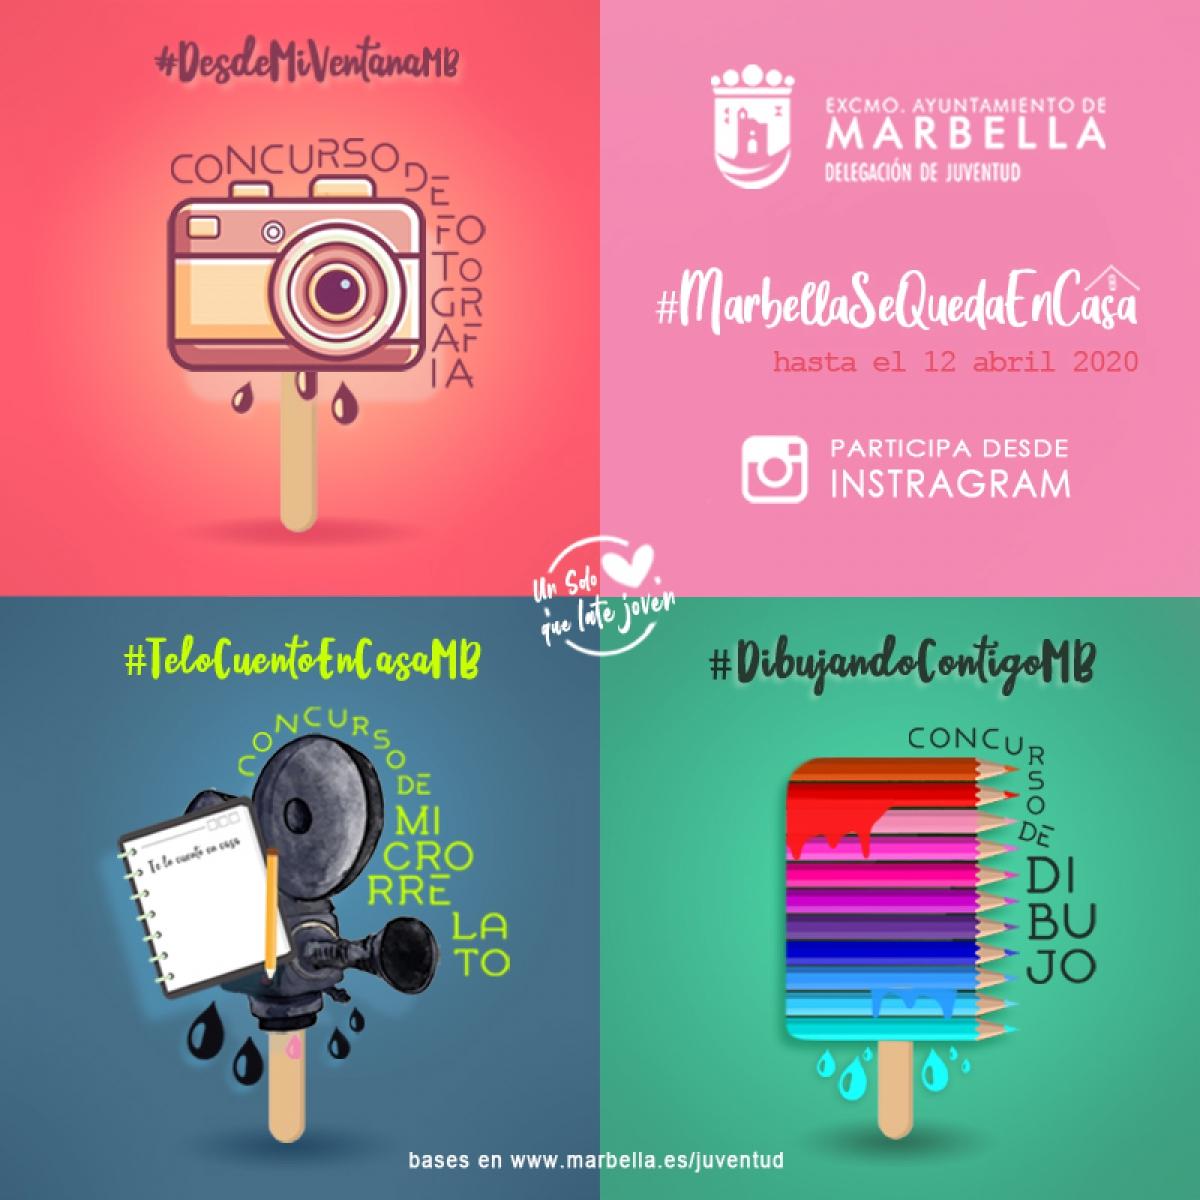 Más de 300 personas participan en los concursos creativos online de Juventud con motivo del confinamiento